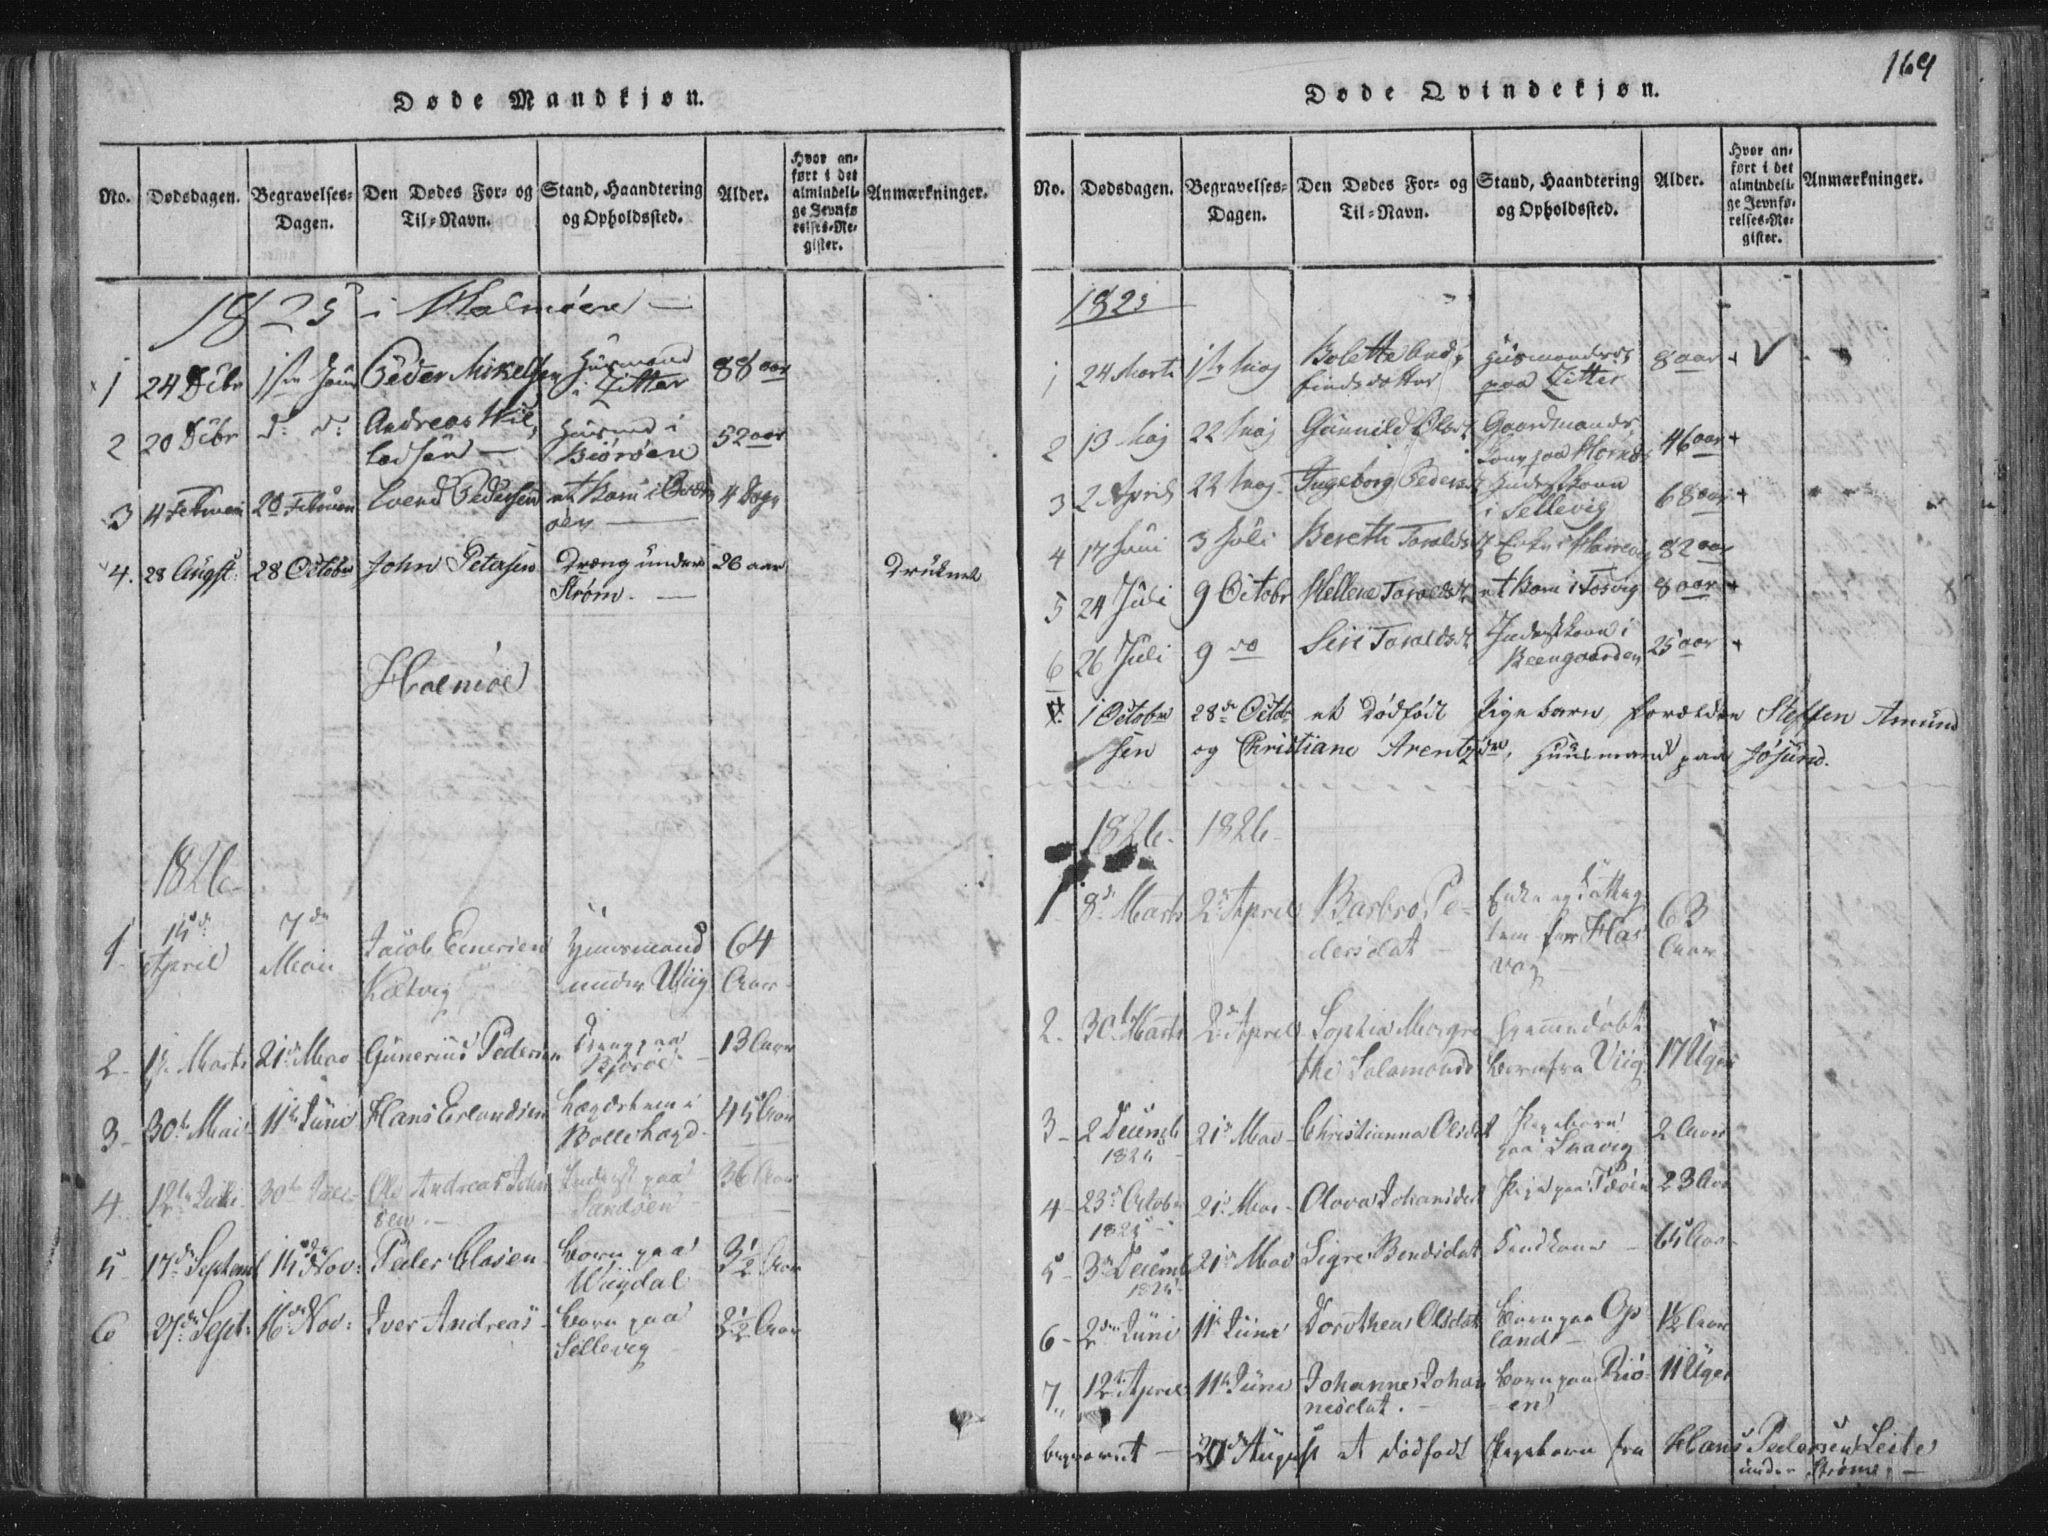 SAT, Ministerialprotokoller, klokkerbøker og fødselsregistre - Nord-Trøndelag, 773/L0609: Ministerialbok nr. 773A03 /3, 1815-1830, s. 169